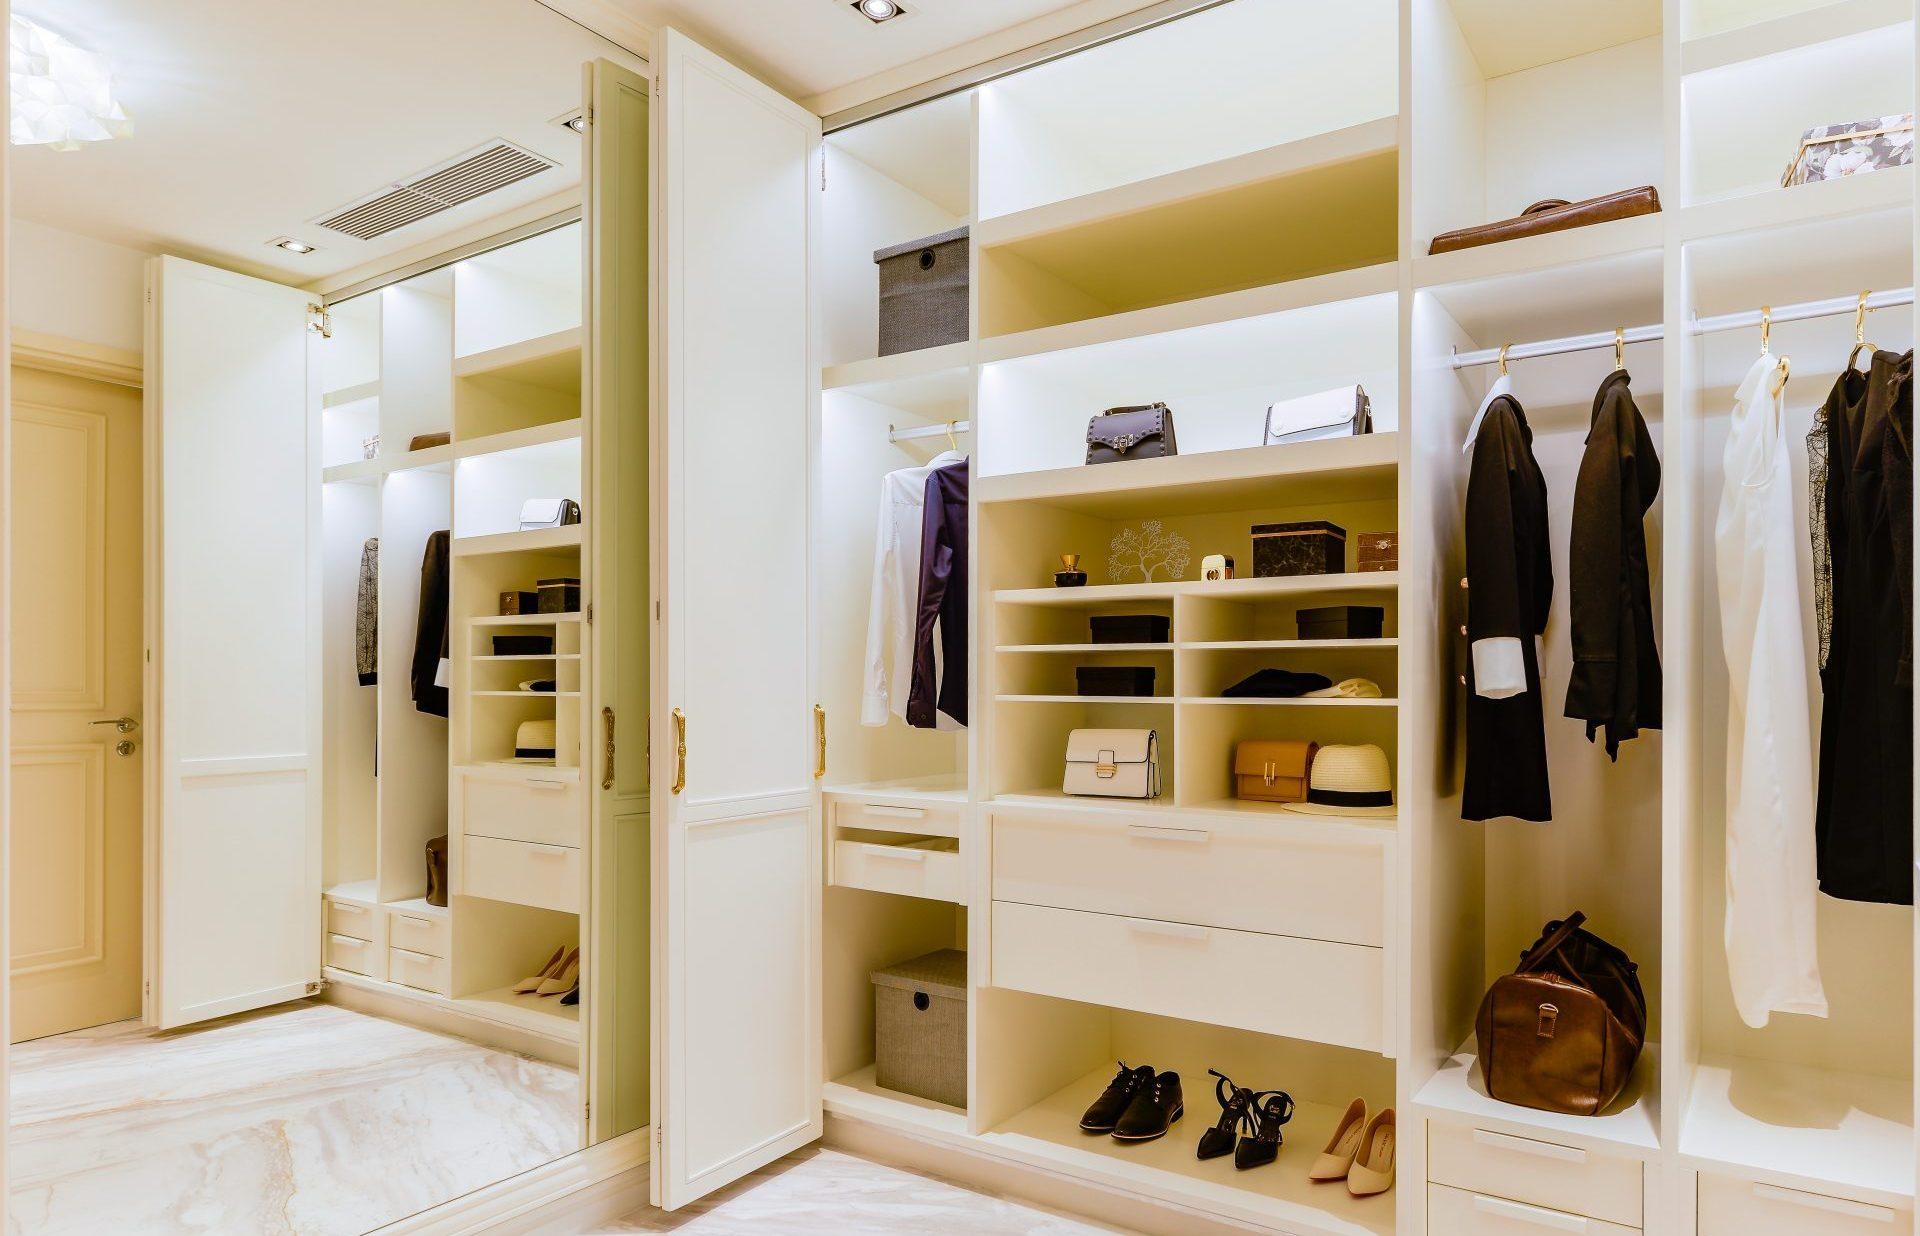 Thiết kế căn hộ dự án căn hộ The Grand Manhattan quận 1